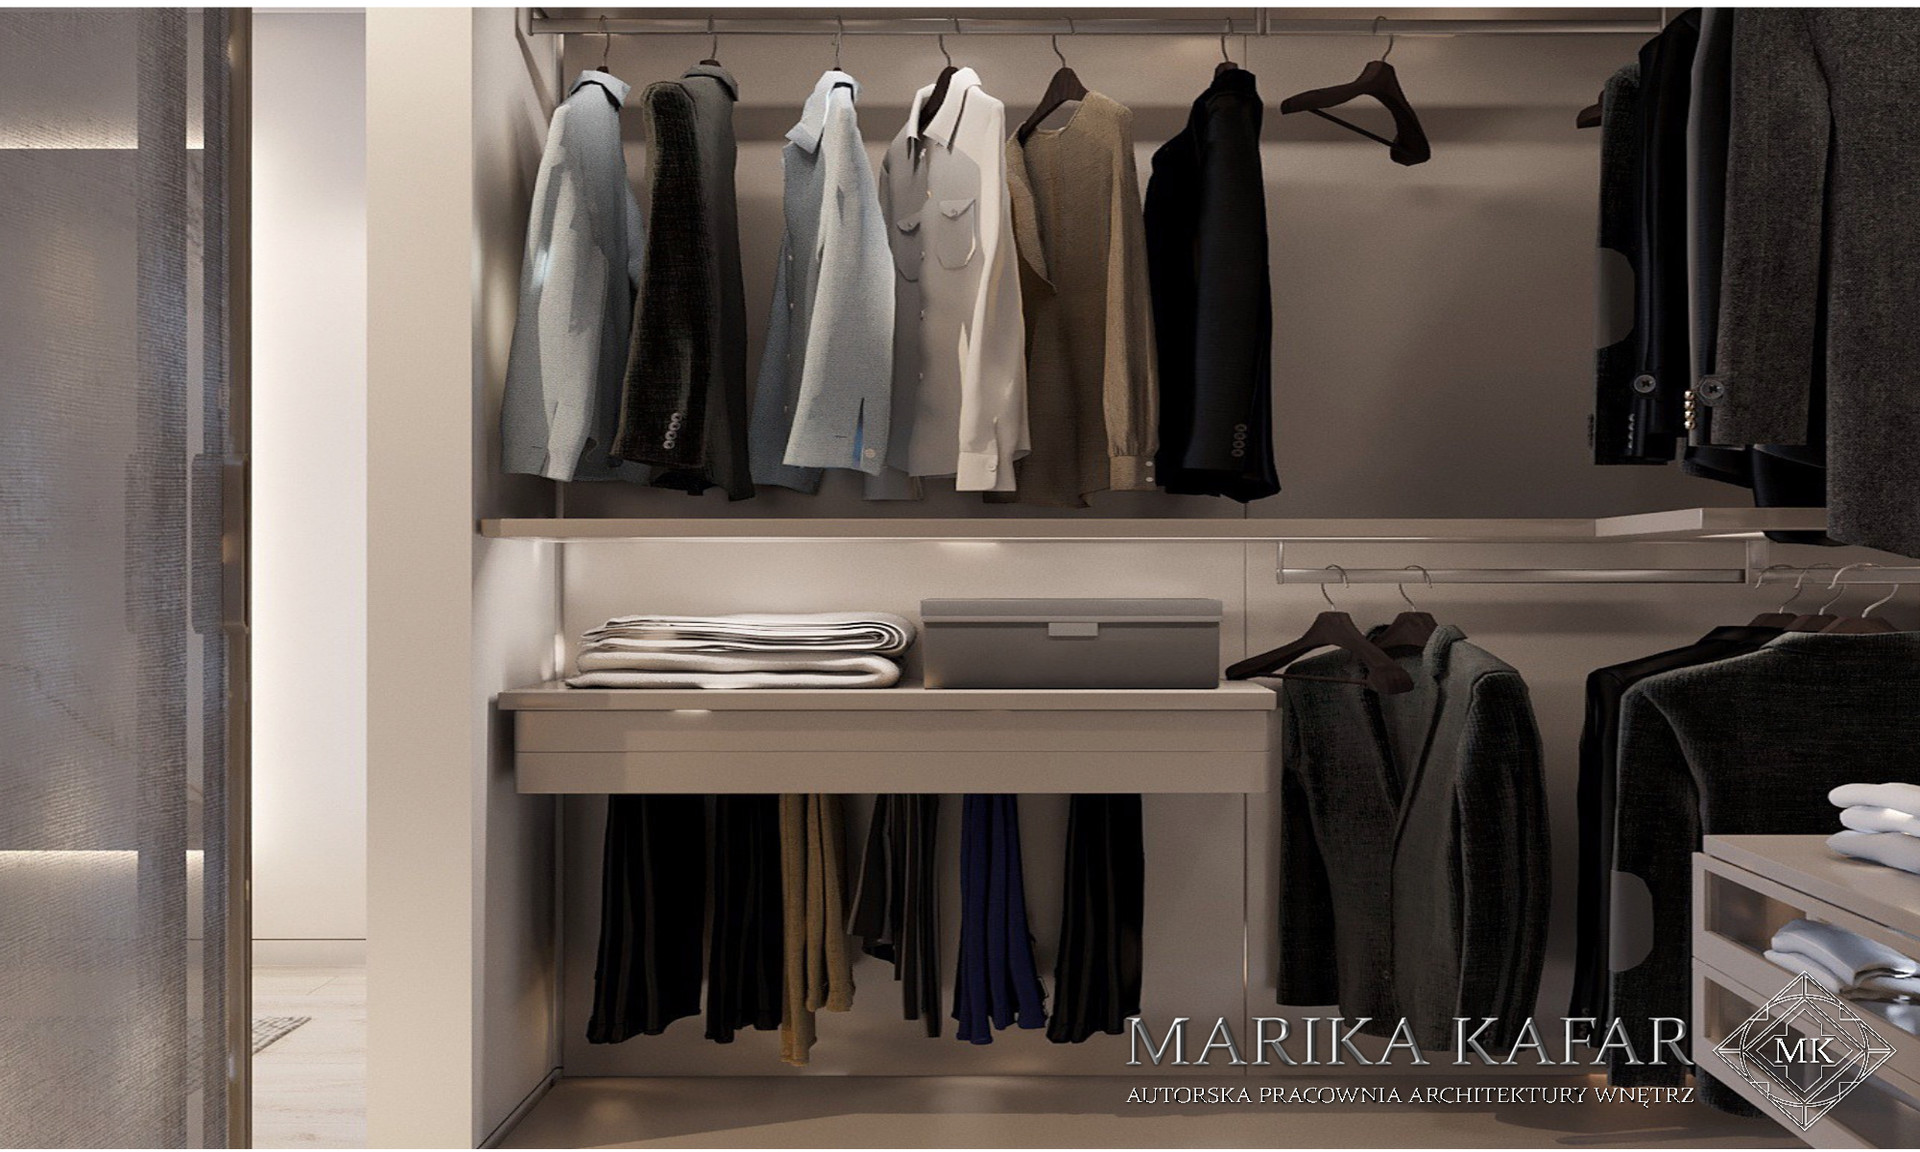 Marika Kafar. Projekt przestronnej garderoby.